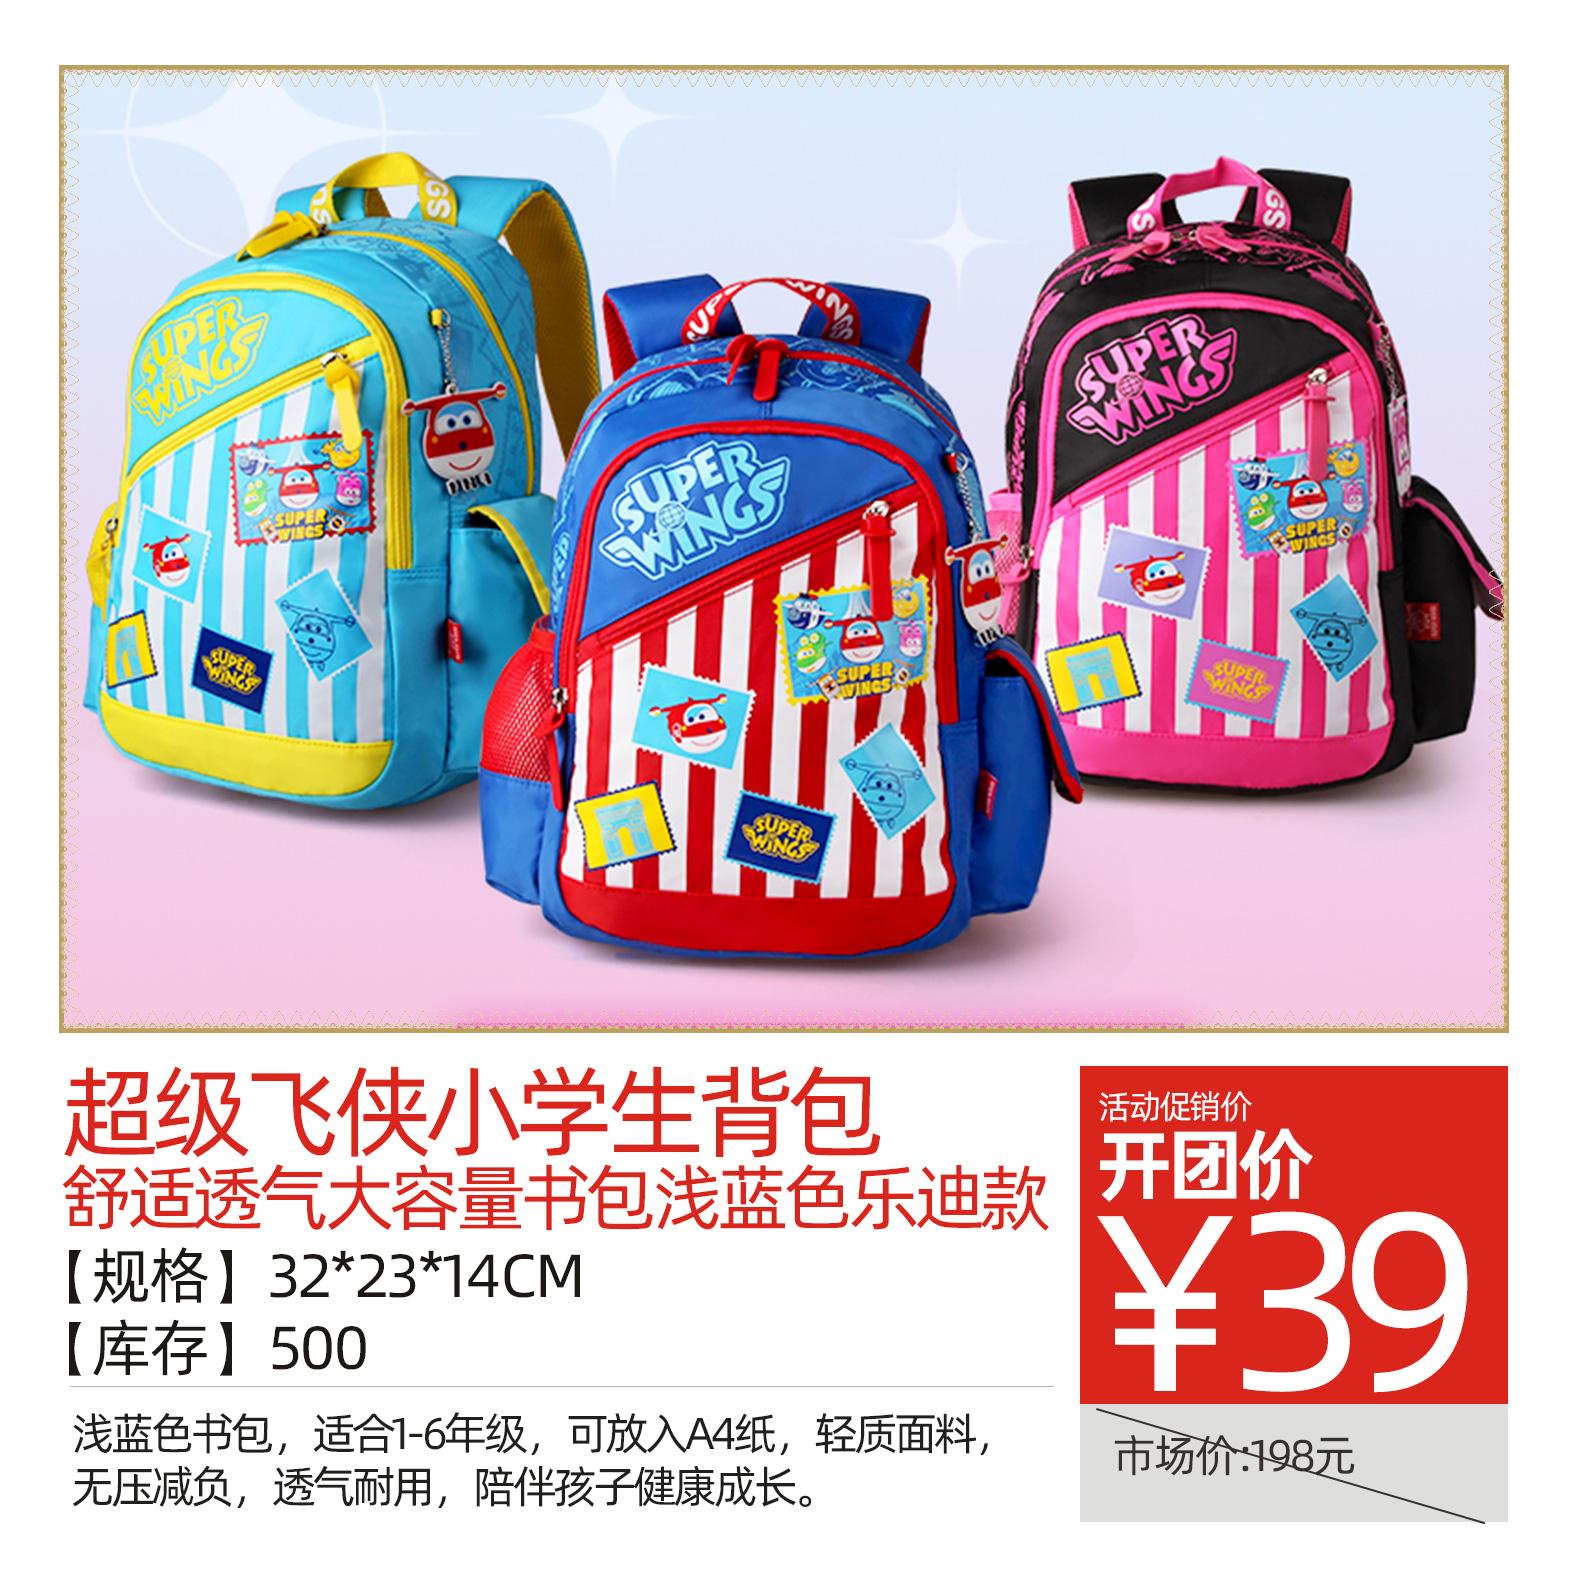 超级飞侠小学生背包舒适透气大容量书包浅蓝色乐迪款